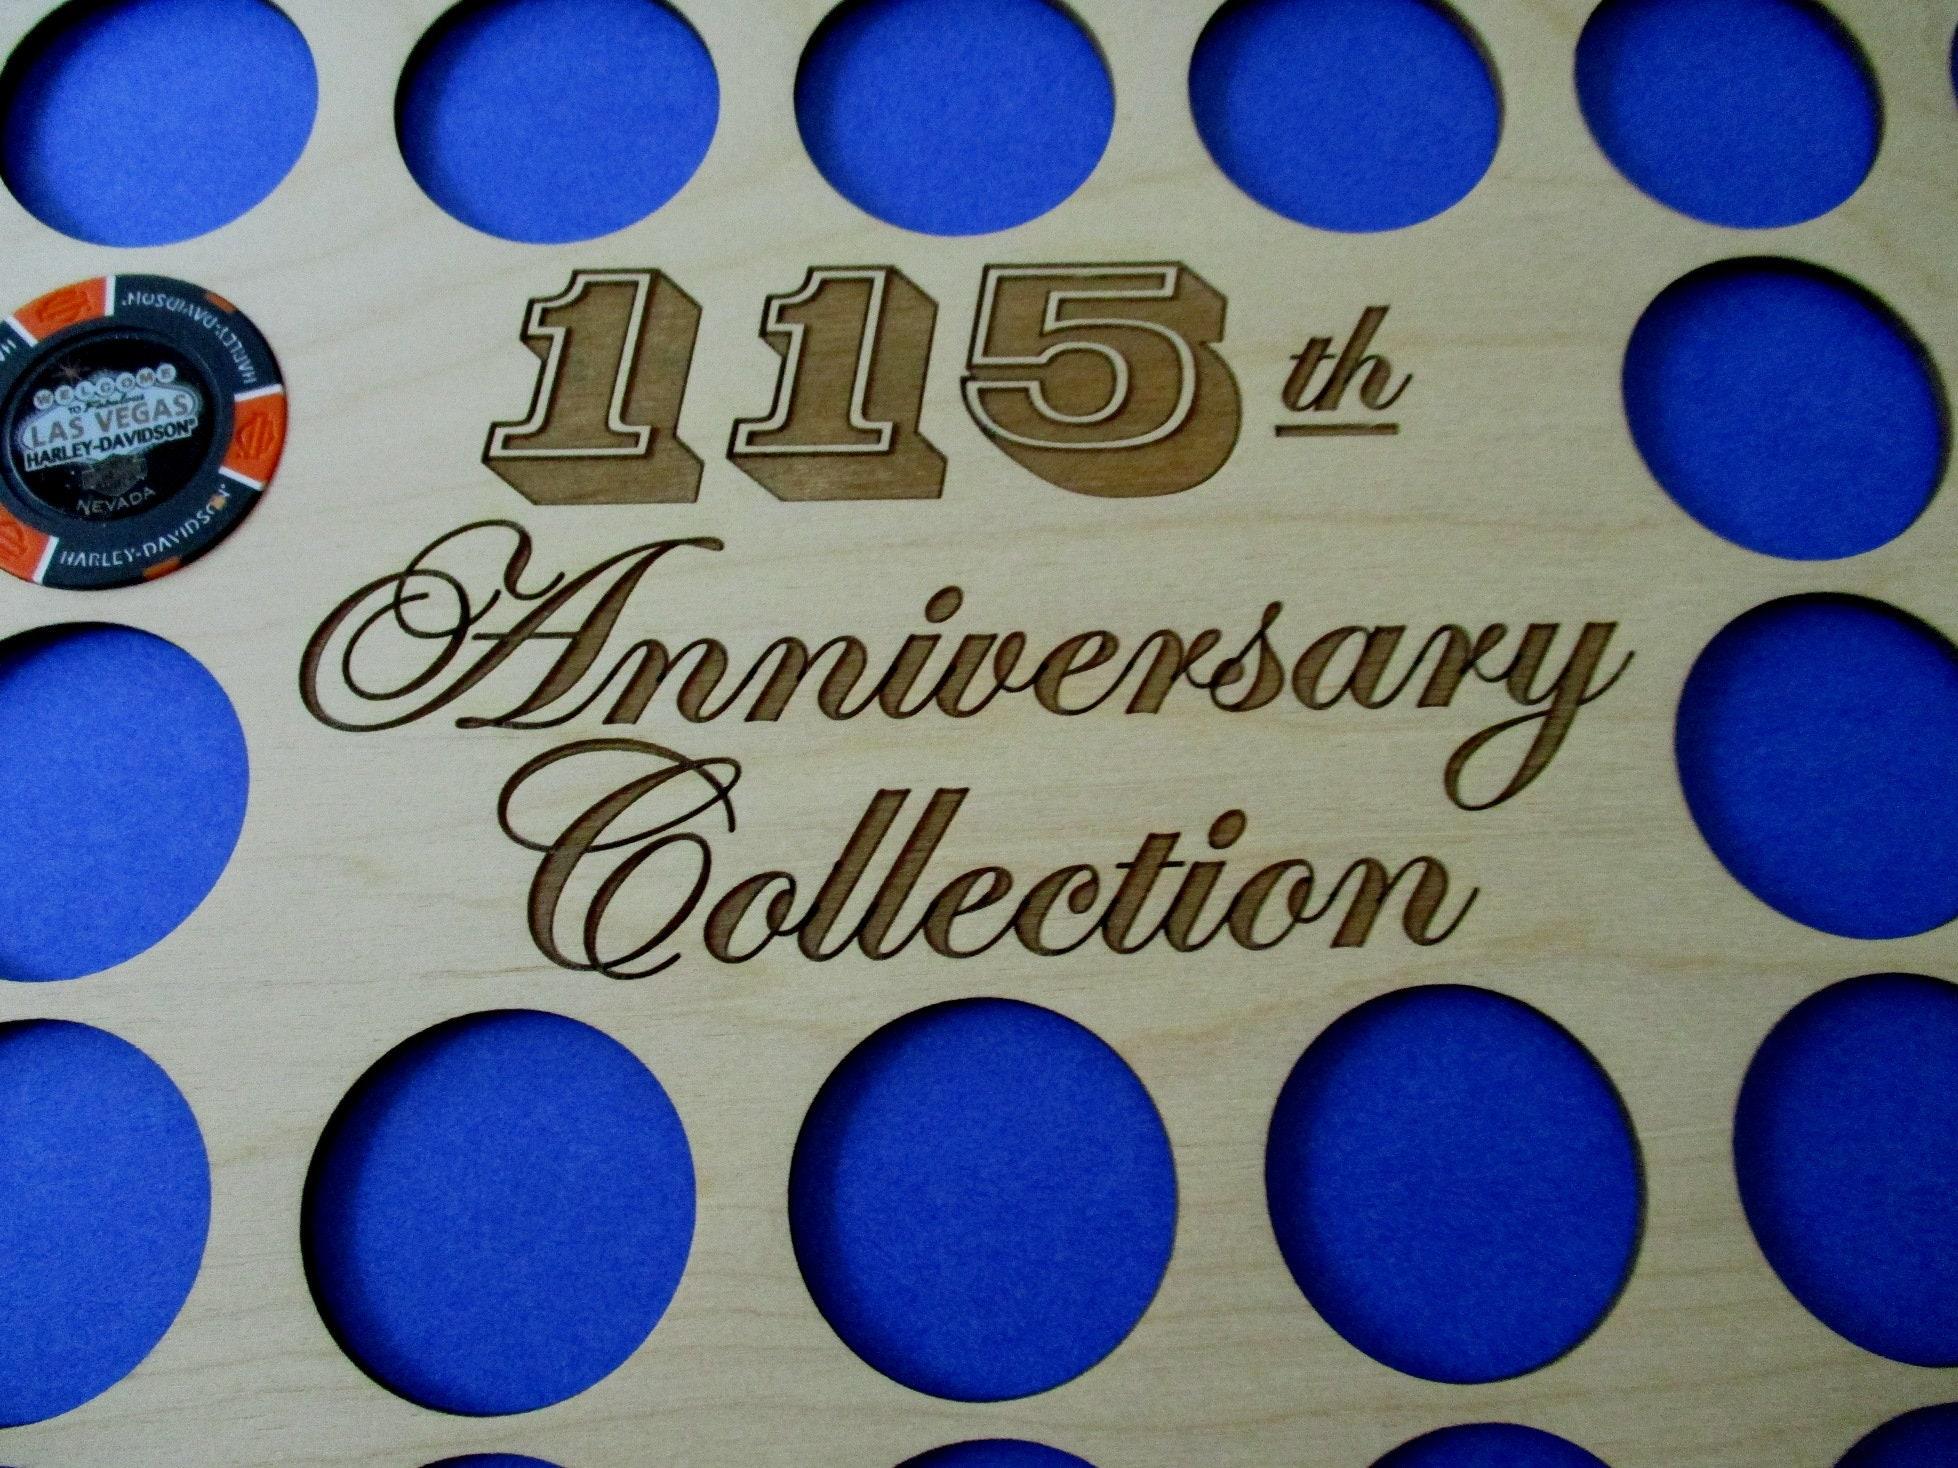 115-Jubiläum Sammlung Poker Chip Rahmen Anzeige einfügen passt | Etsy